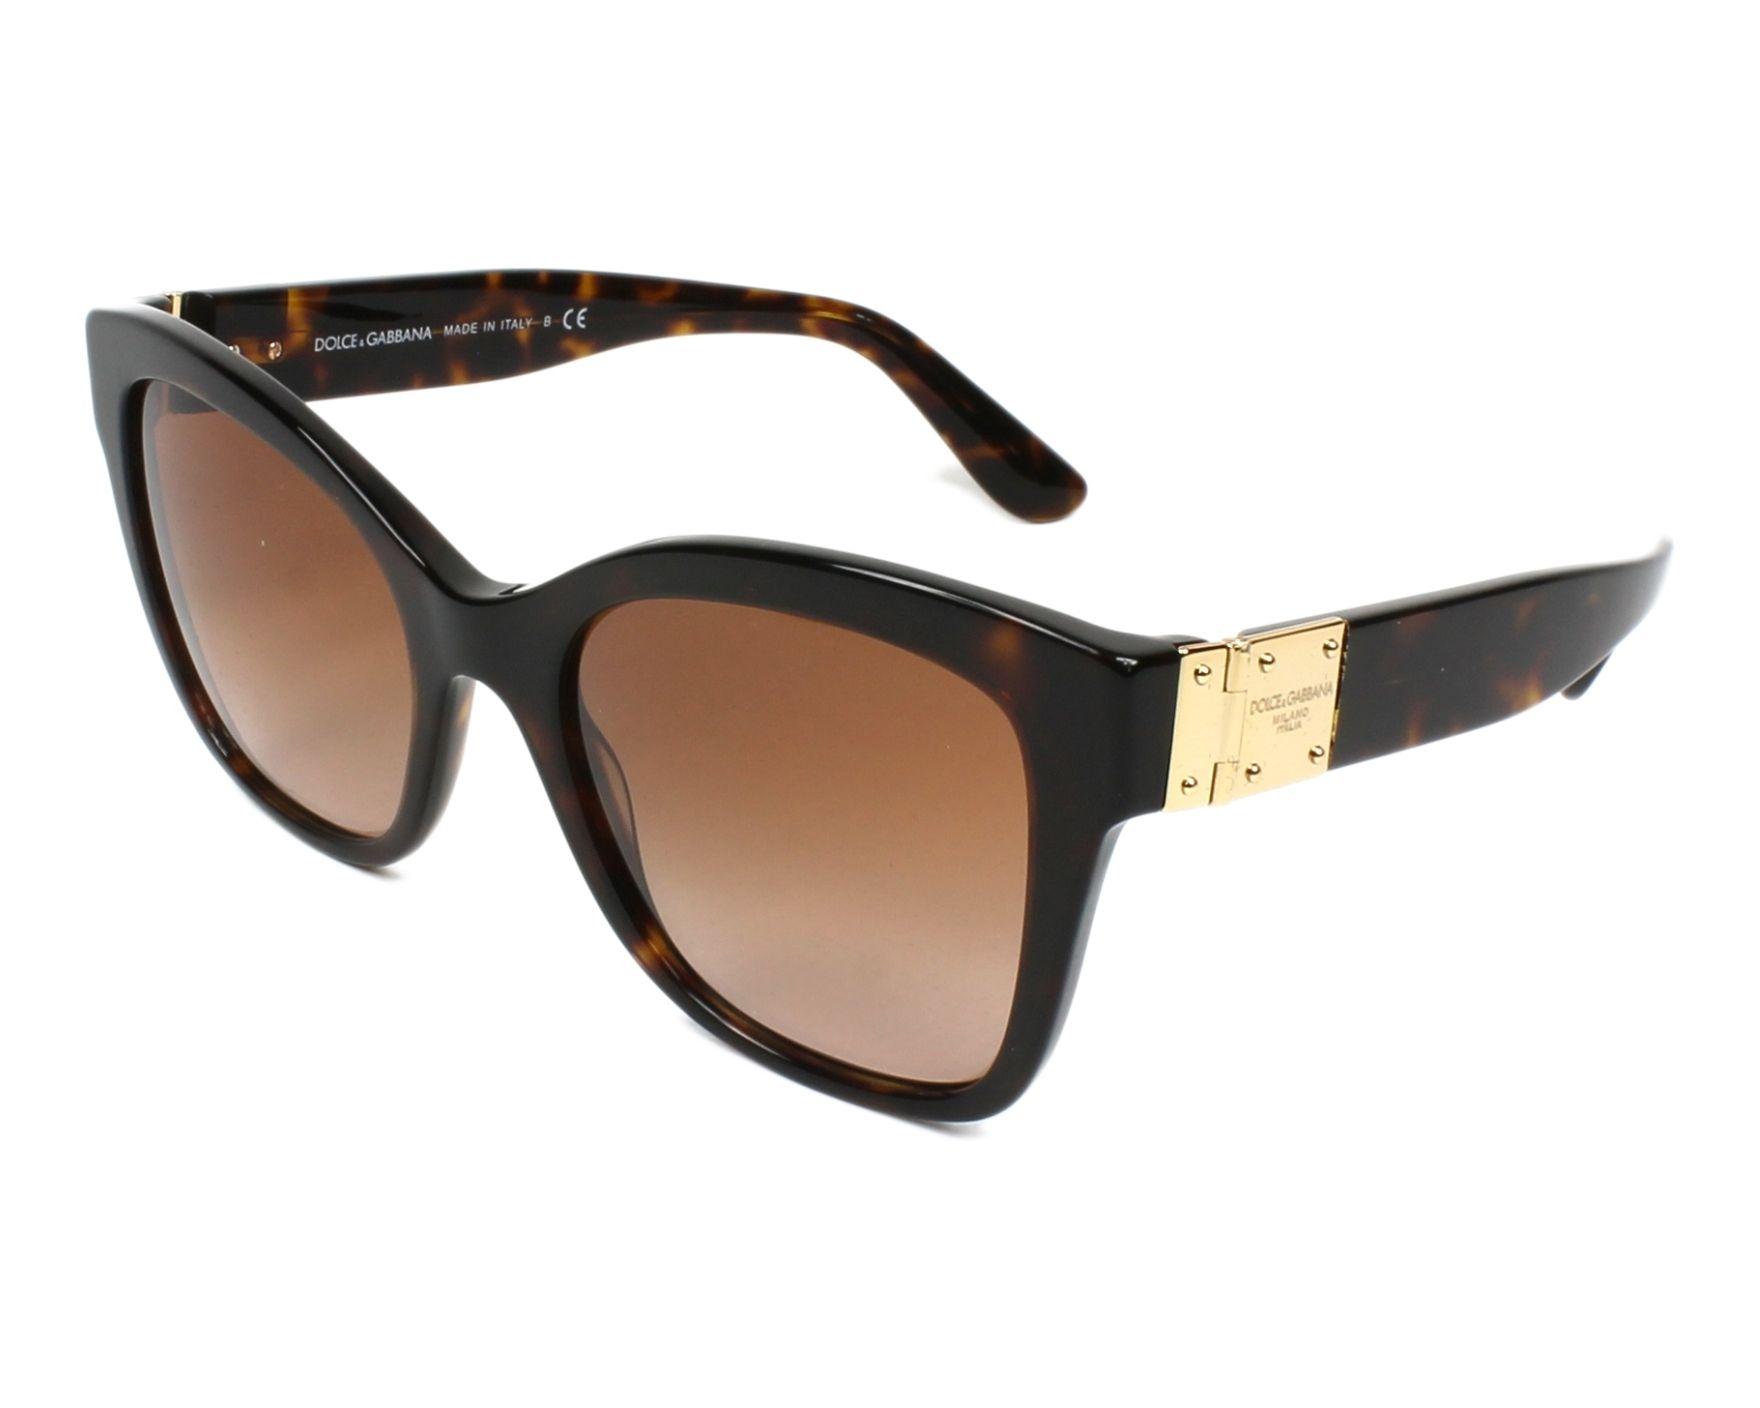 Dolce Gabbana 4309/502/13 aNX3Tsez